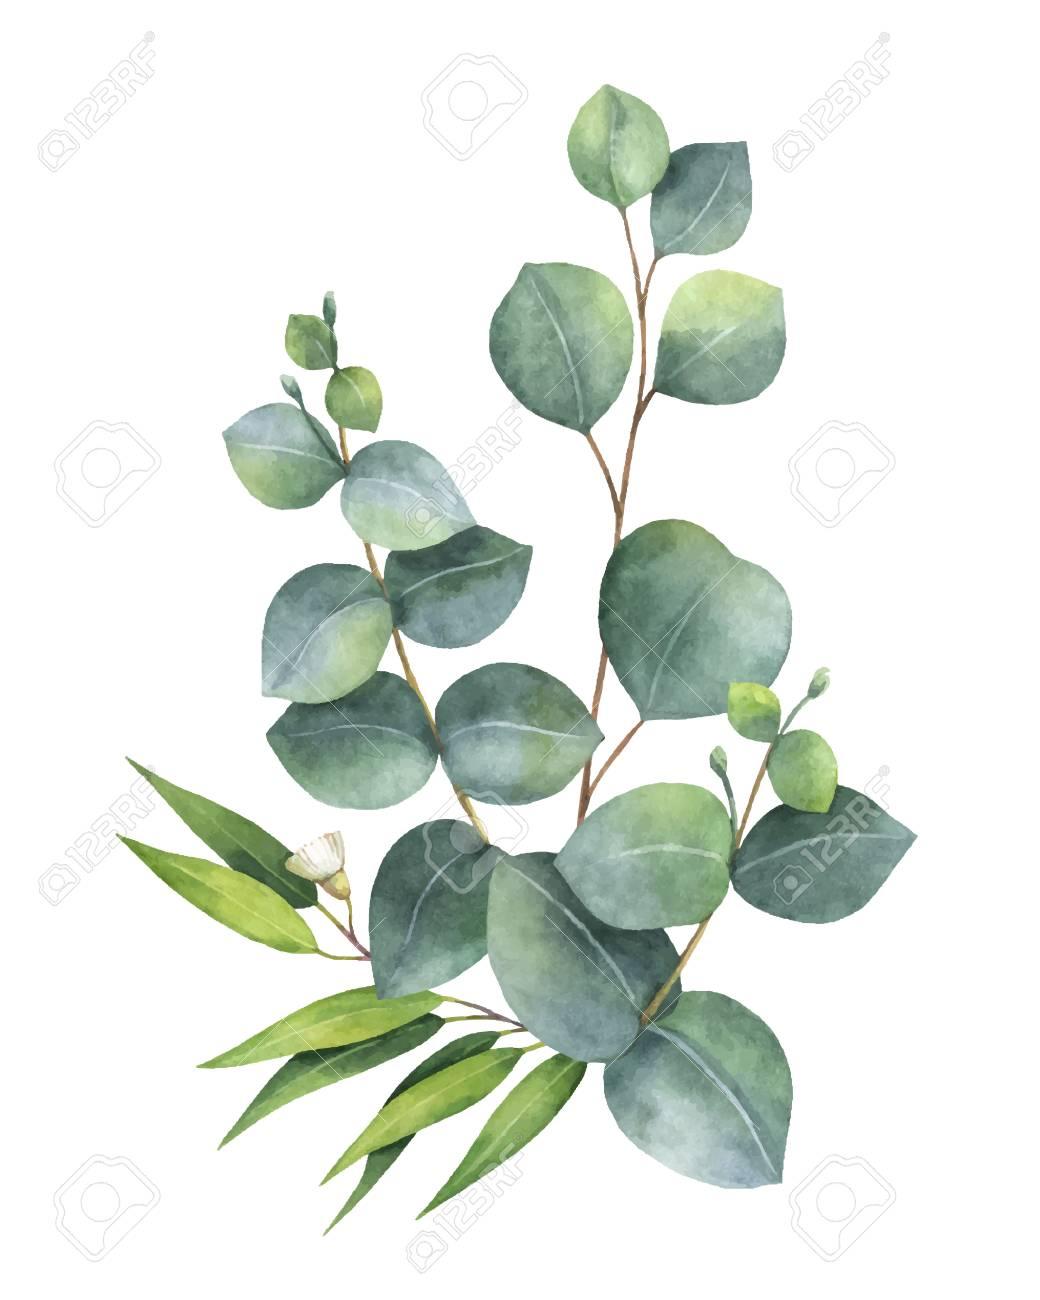 グリーン ユーカリの葉と枝の水彩ベクトル花束。グリーティング カードや結婚式の招待状のばねまたは夏の花。 のイラスト素材・ベクタ - . Image  91104339.